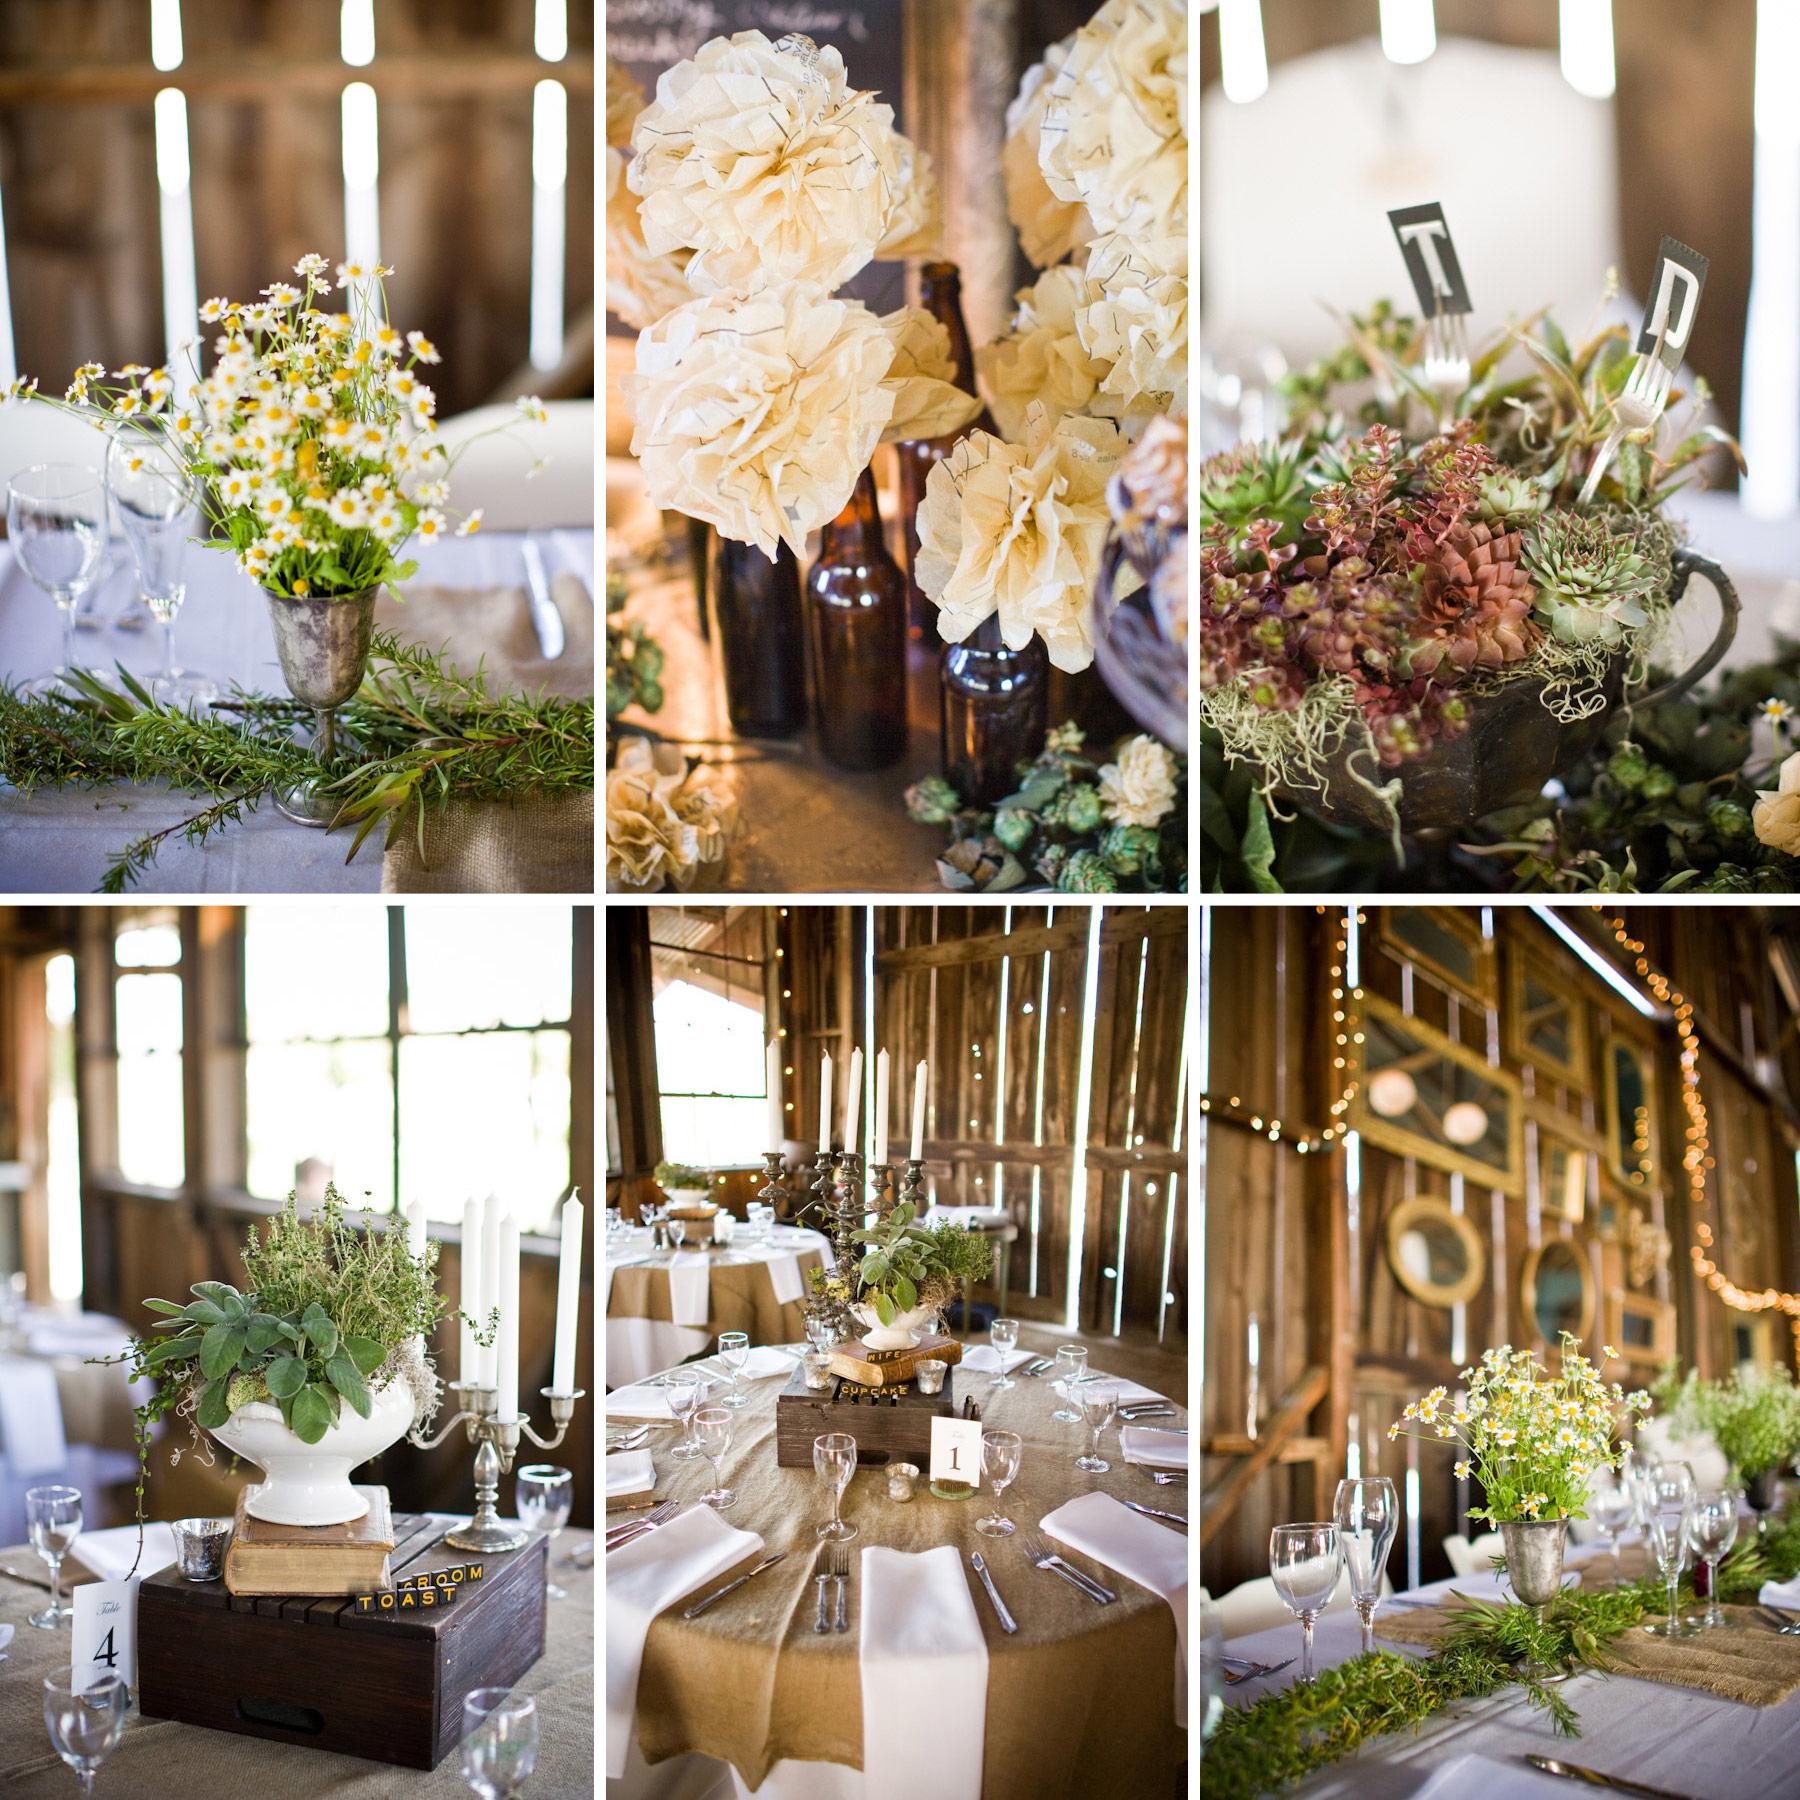 rusticwestern wedding decor ideasplease shareneed ideas western wedding ideas Rustic Western wedding decor ideas please share need ideas